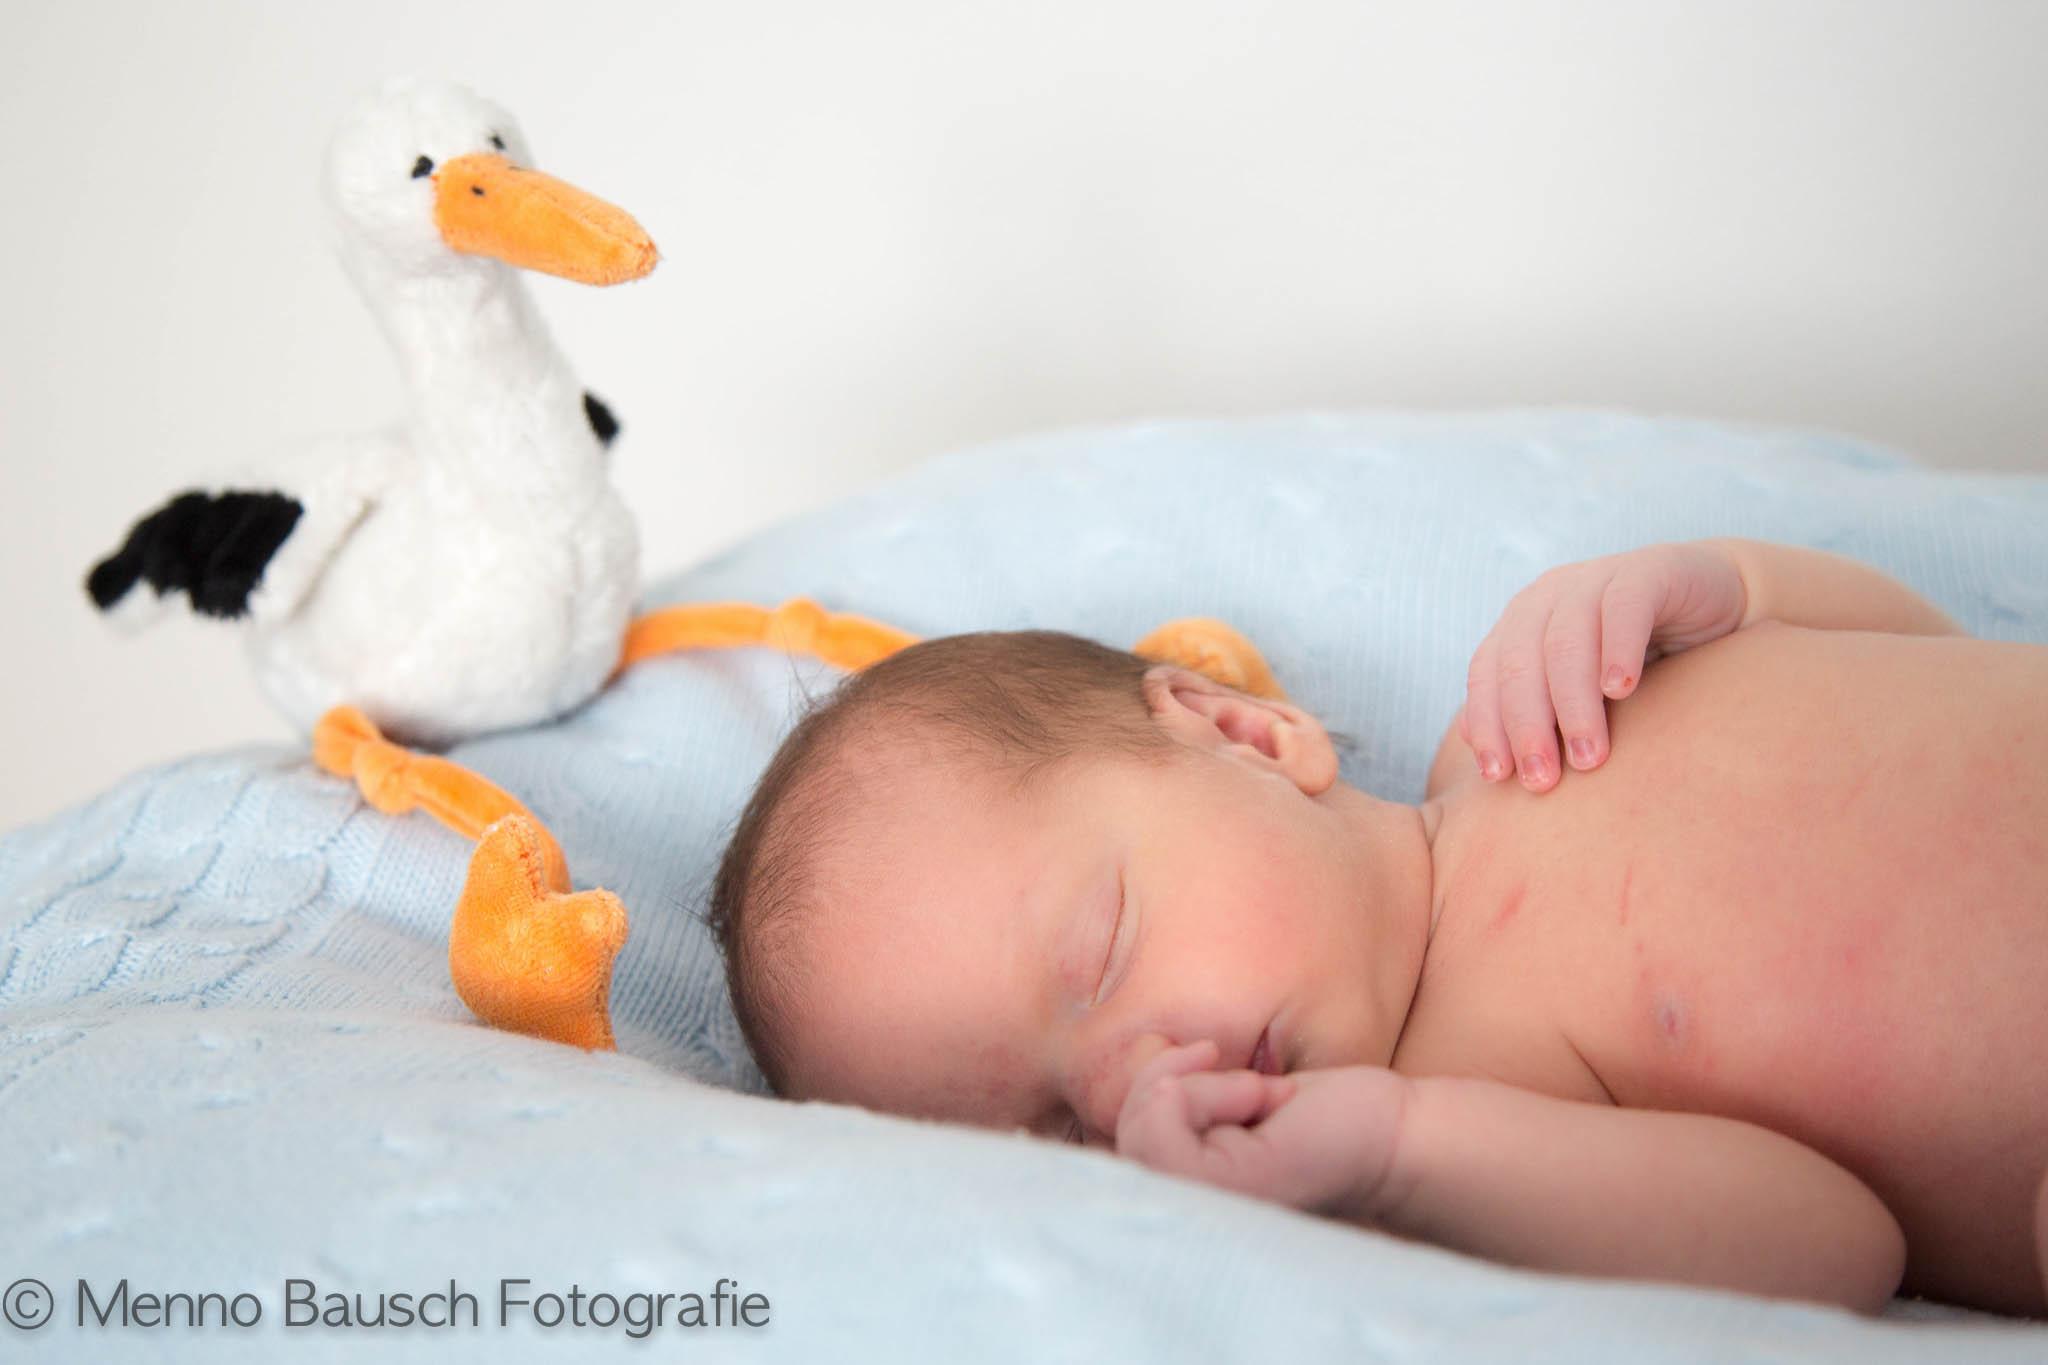 Menno Bausch Fotografie21-2